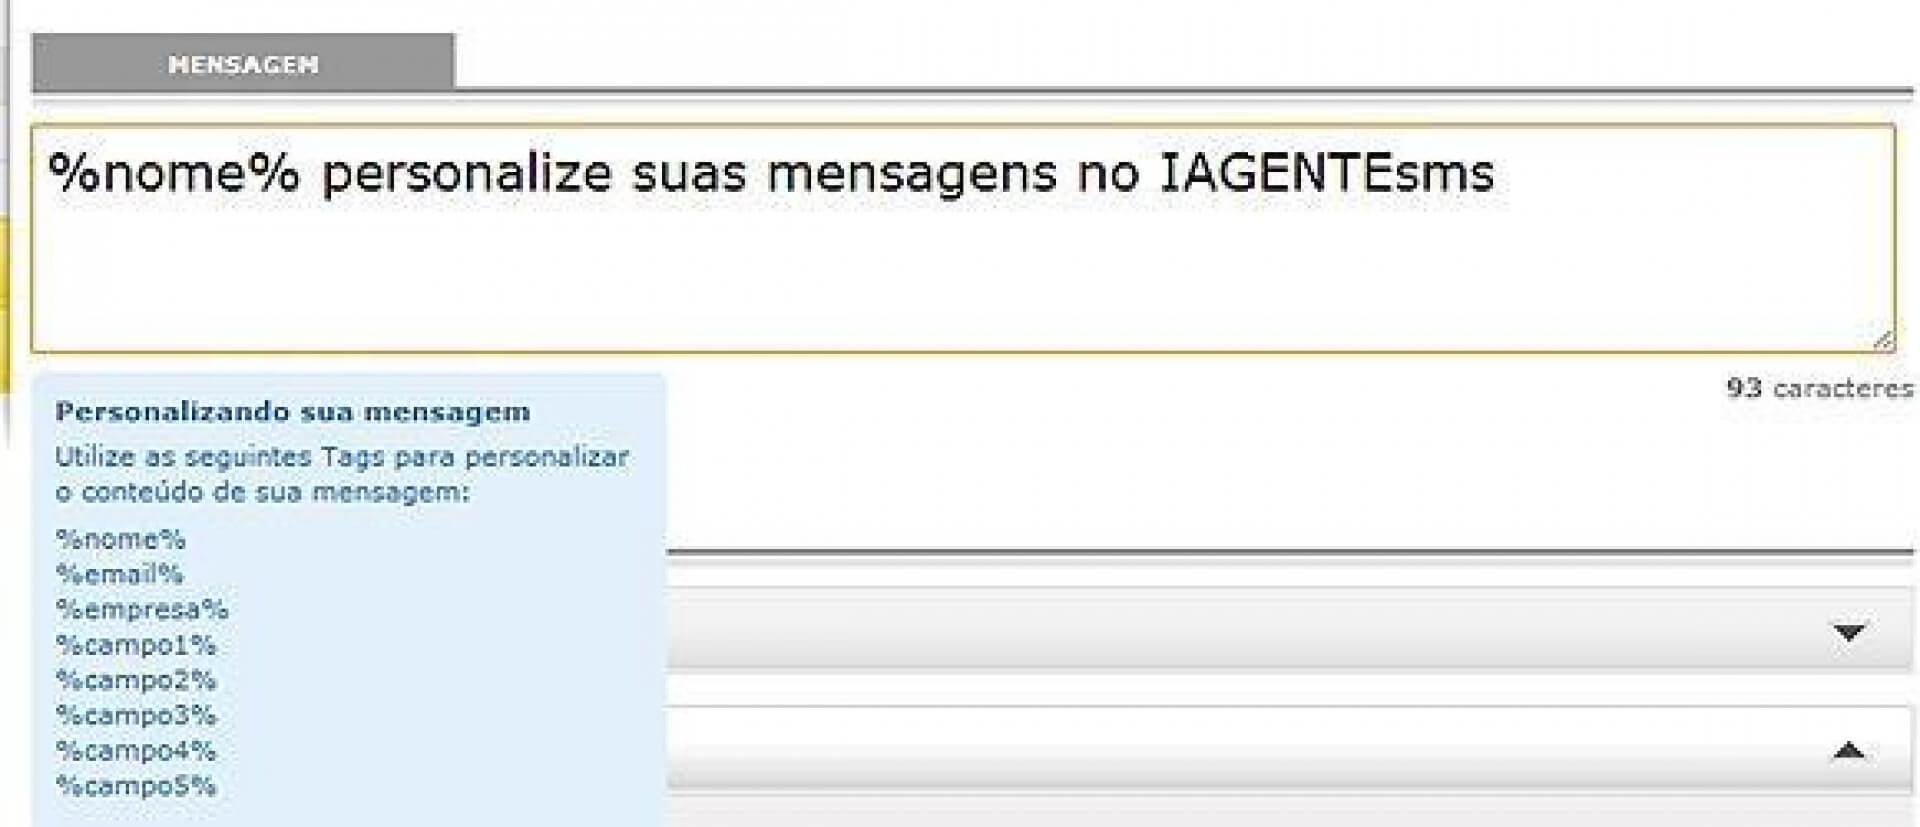 Personalize suas mensagens de SMS no IAGENTEsms